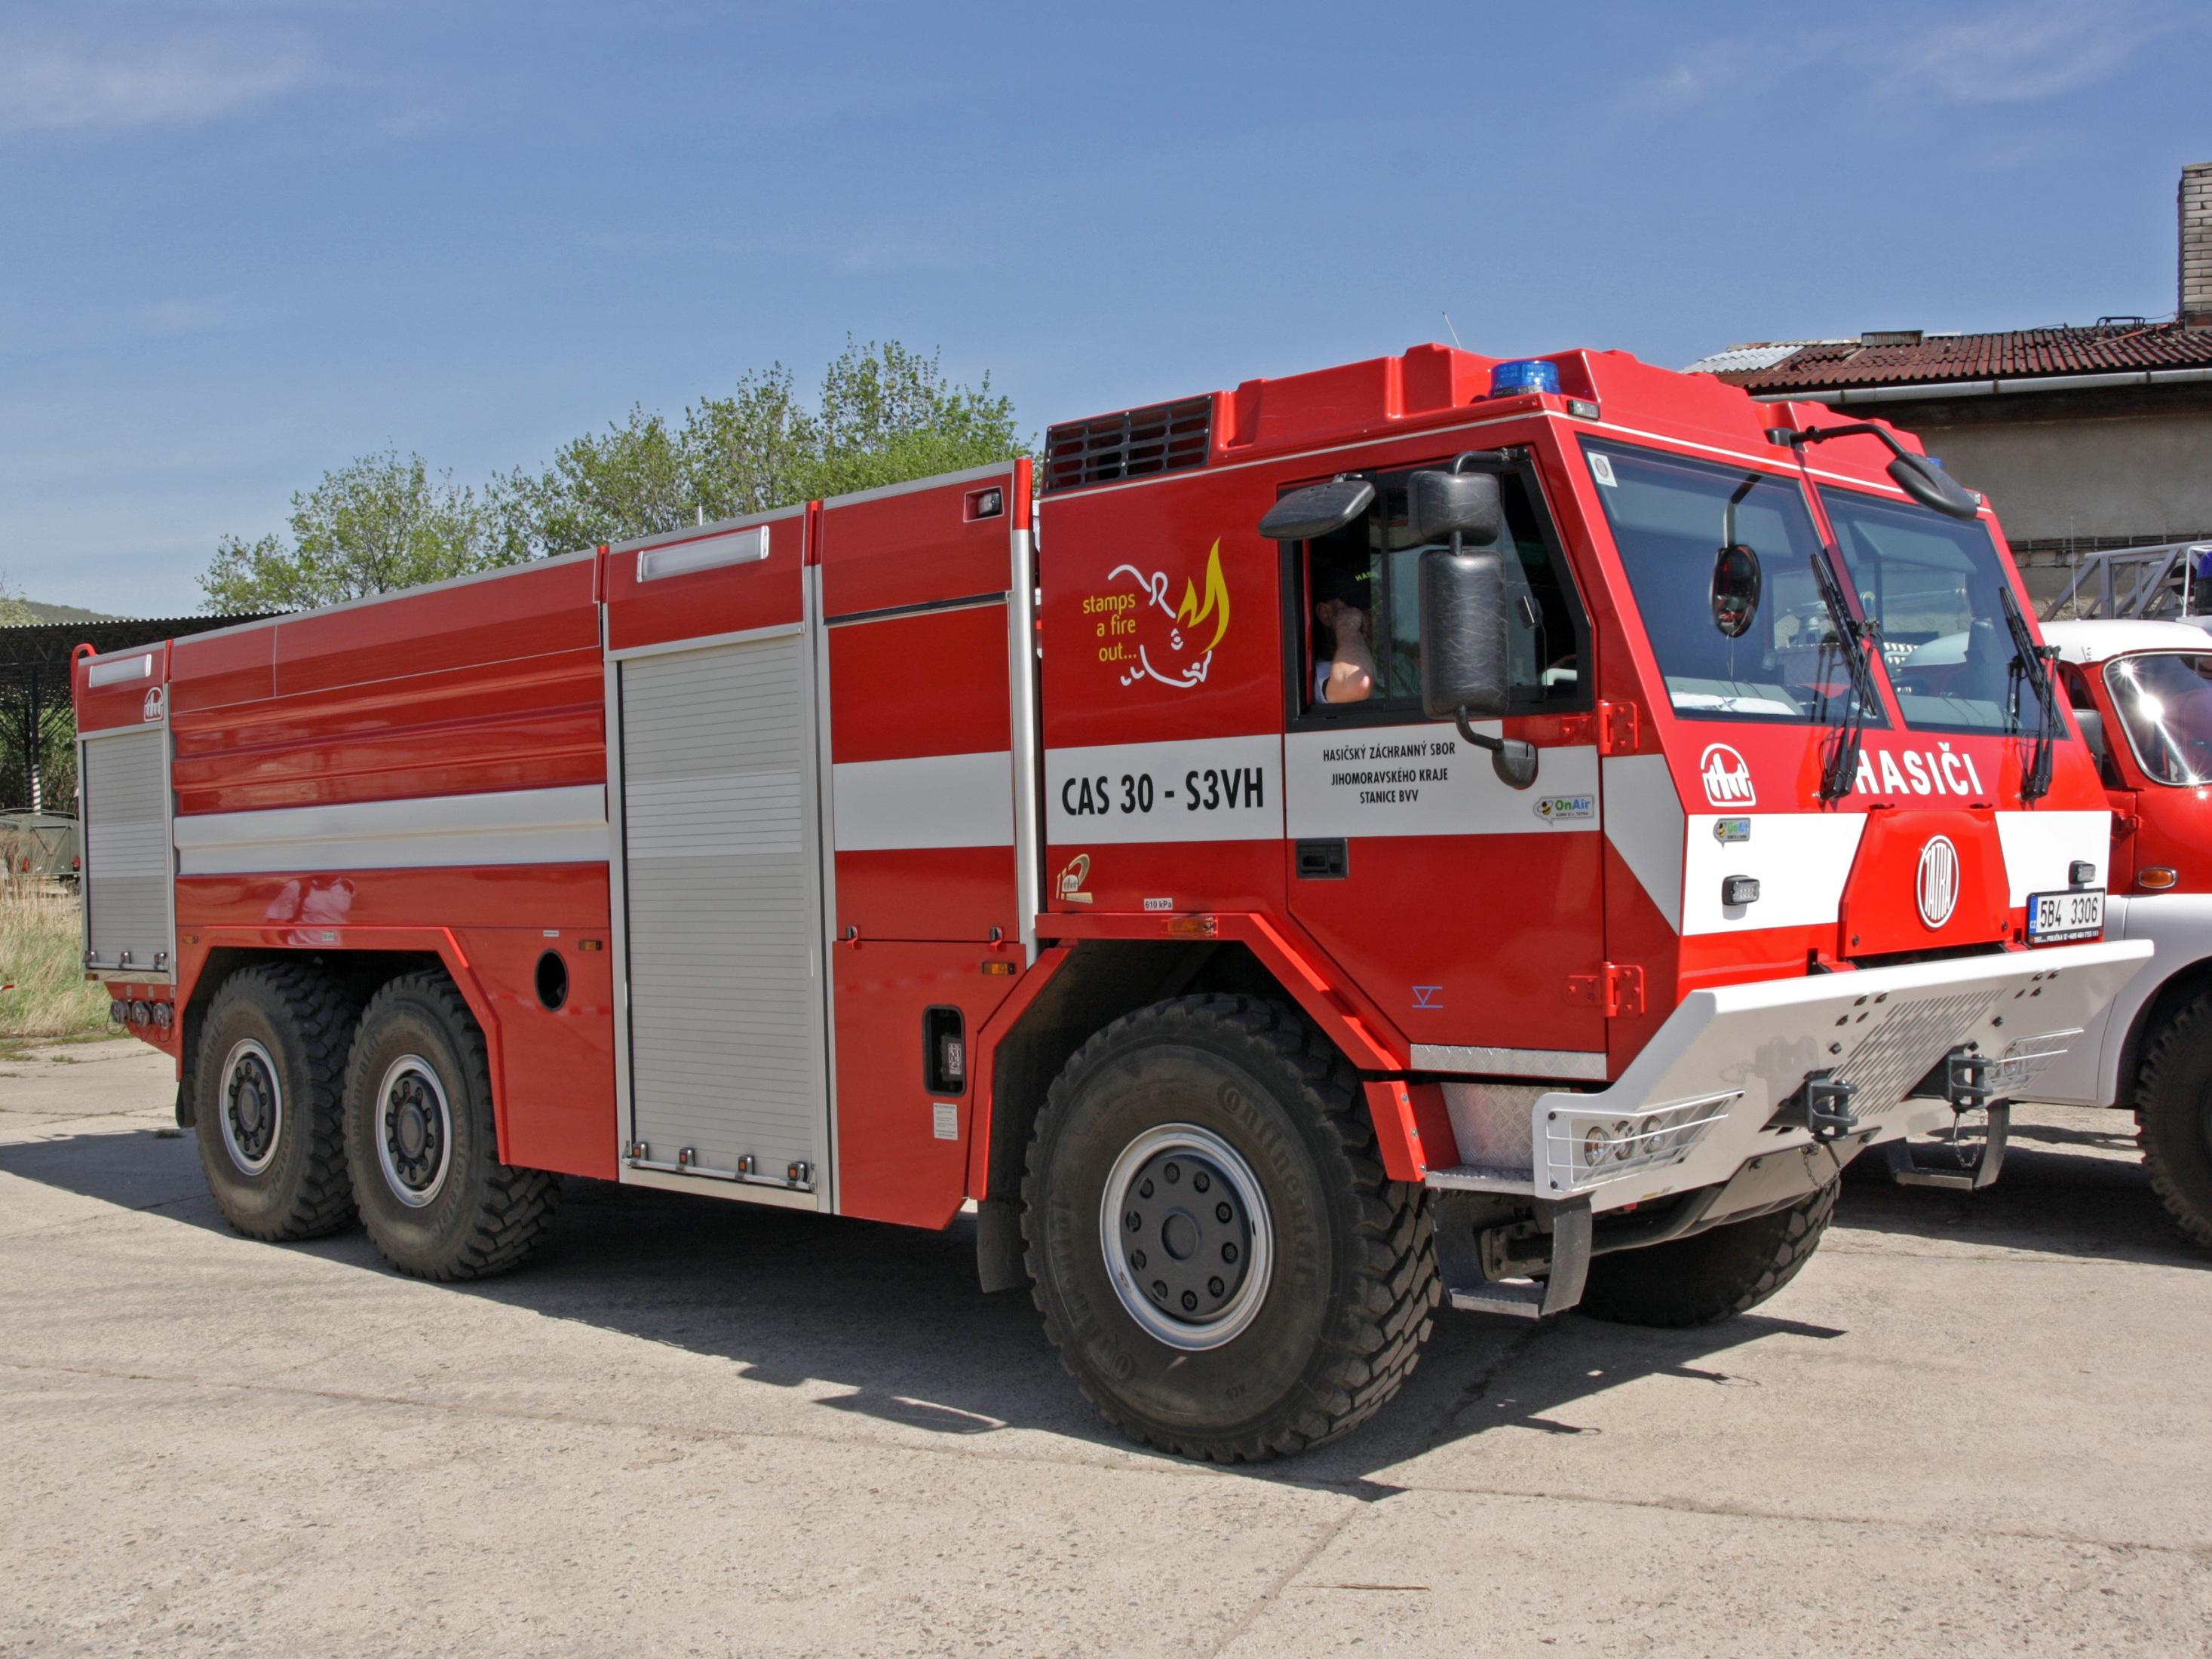 File:CAS 30 - Tatra 815-7 TMB 2012.jpg